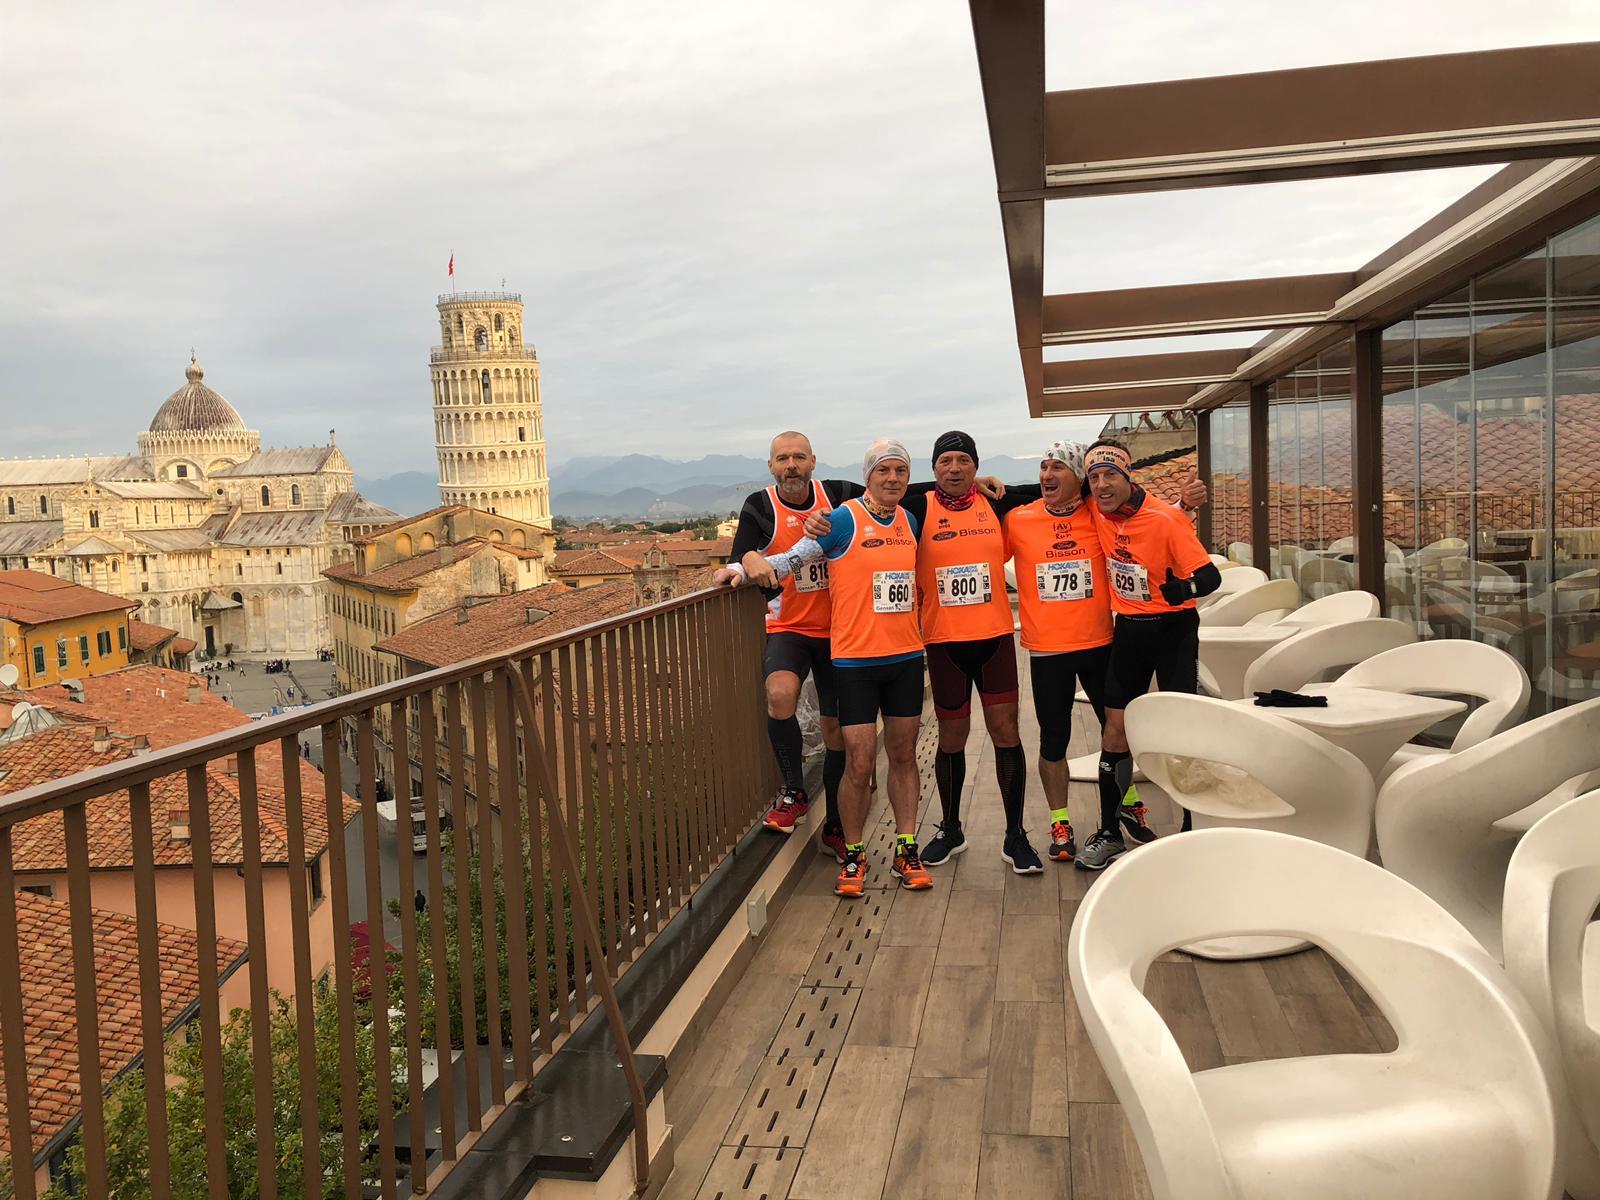 I nostri 5 rappresentanti a Pisa